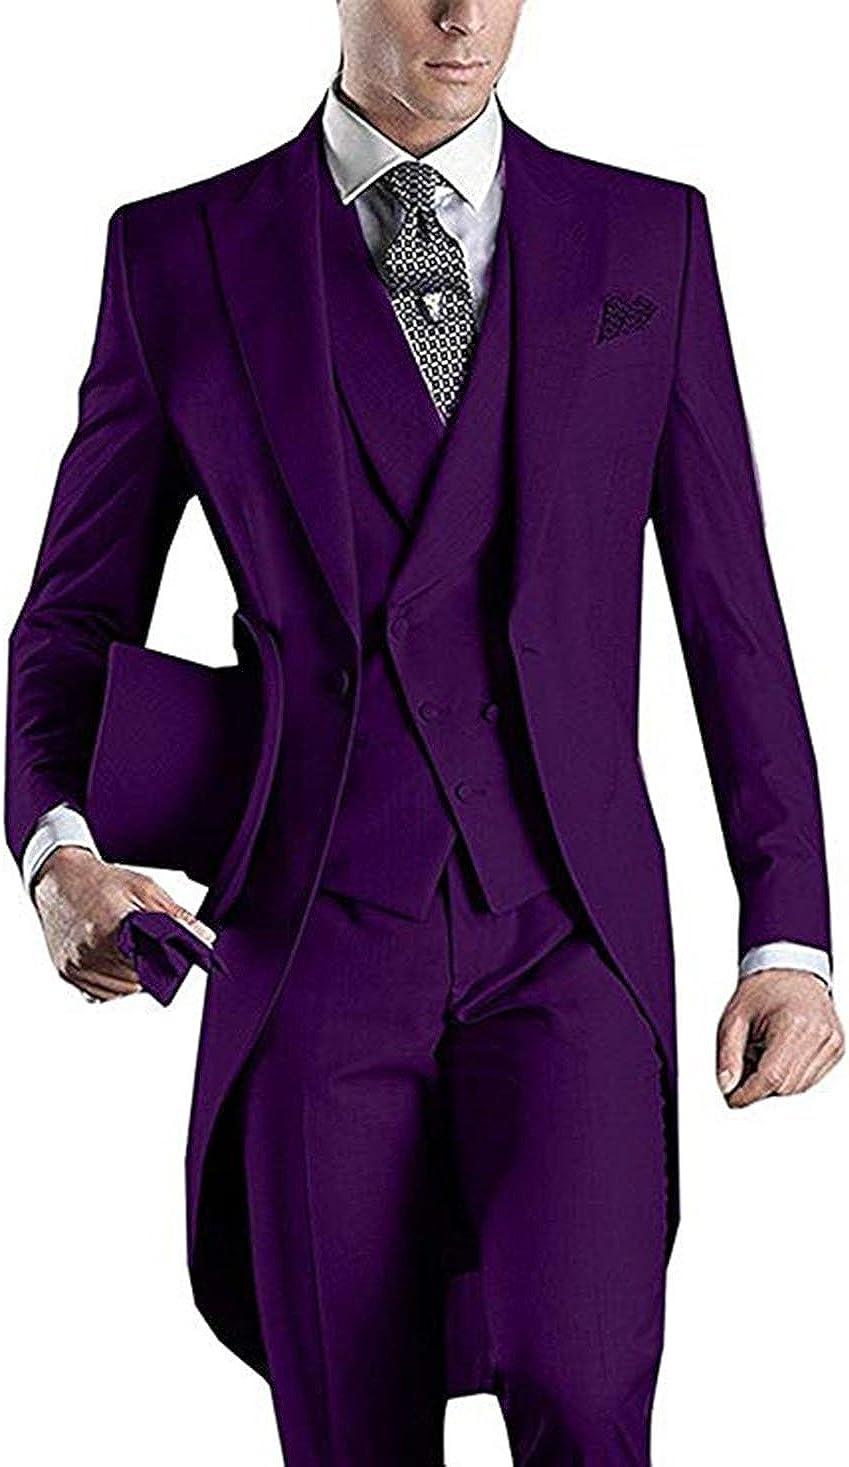 High-End Suits Men's Tailcoat Formal Slim Fit 3-Piece Suit Long Jacket Dinner Tuxedo Wedding Tux & Vest & Trousers